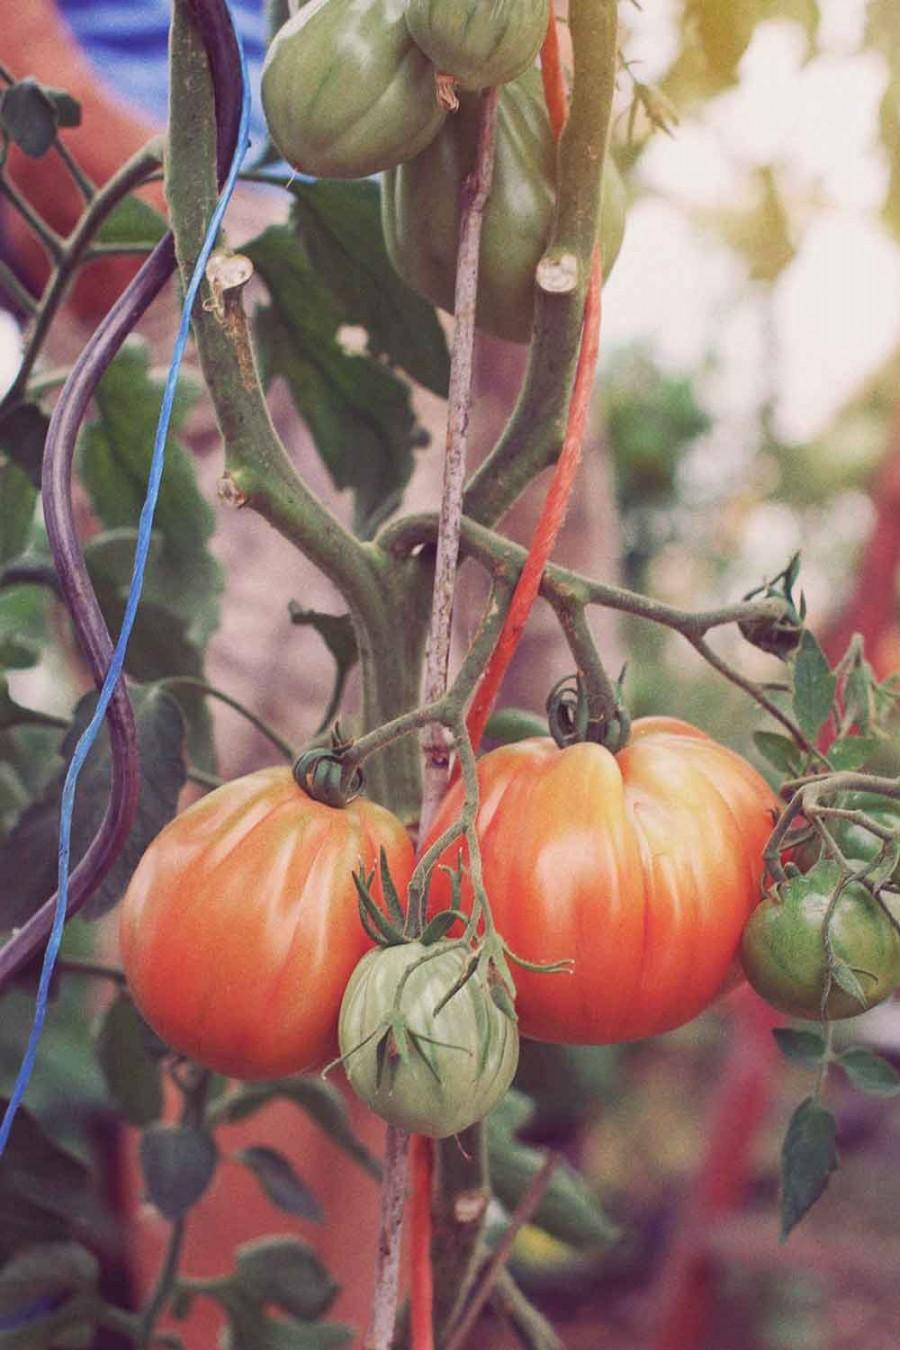 Ochsenherz-Tomaten bei Ochsenschläger in Biblis-Wattenheim